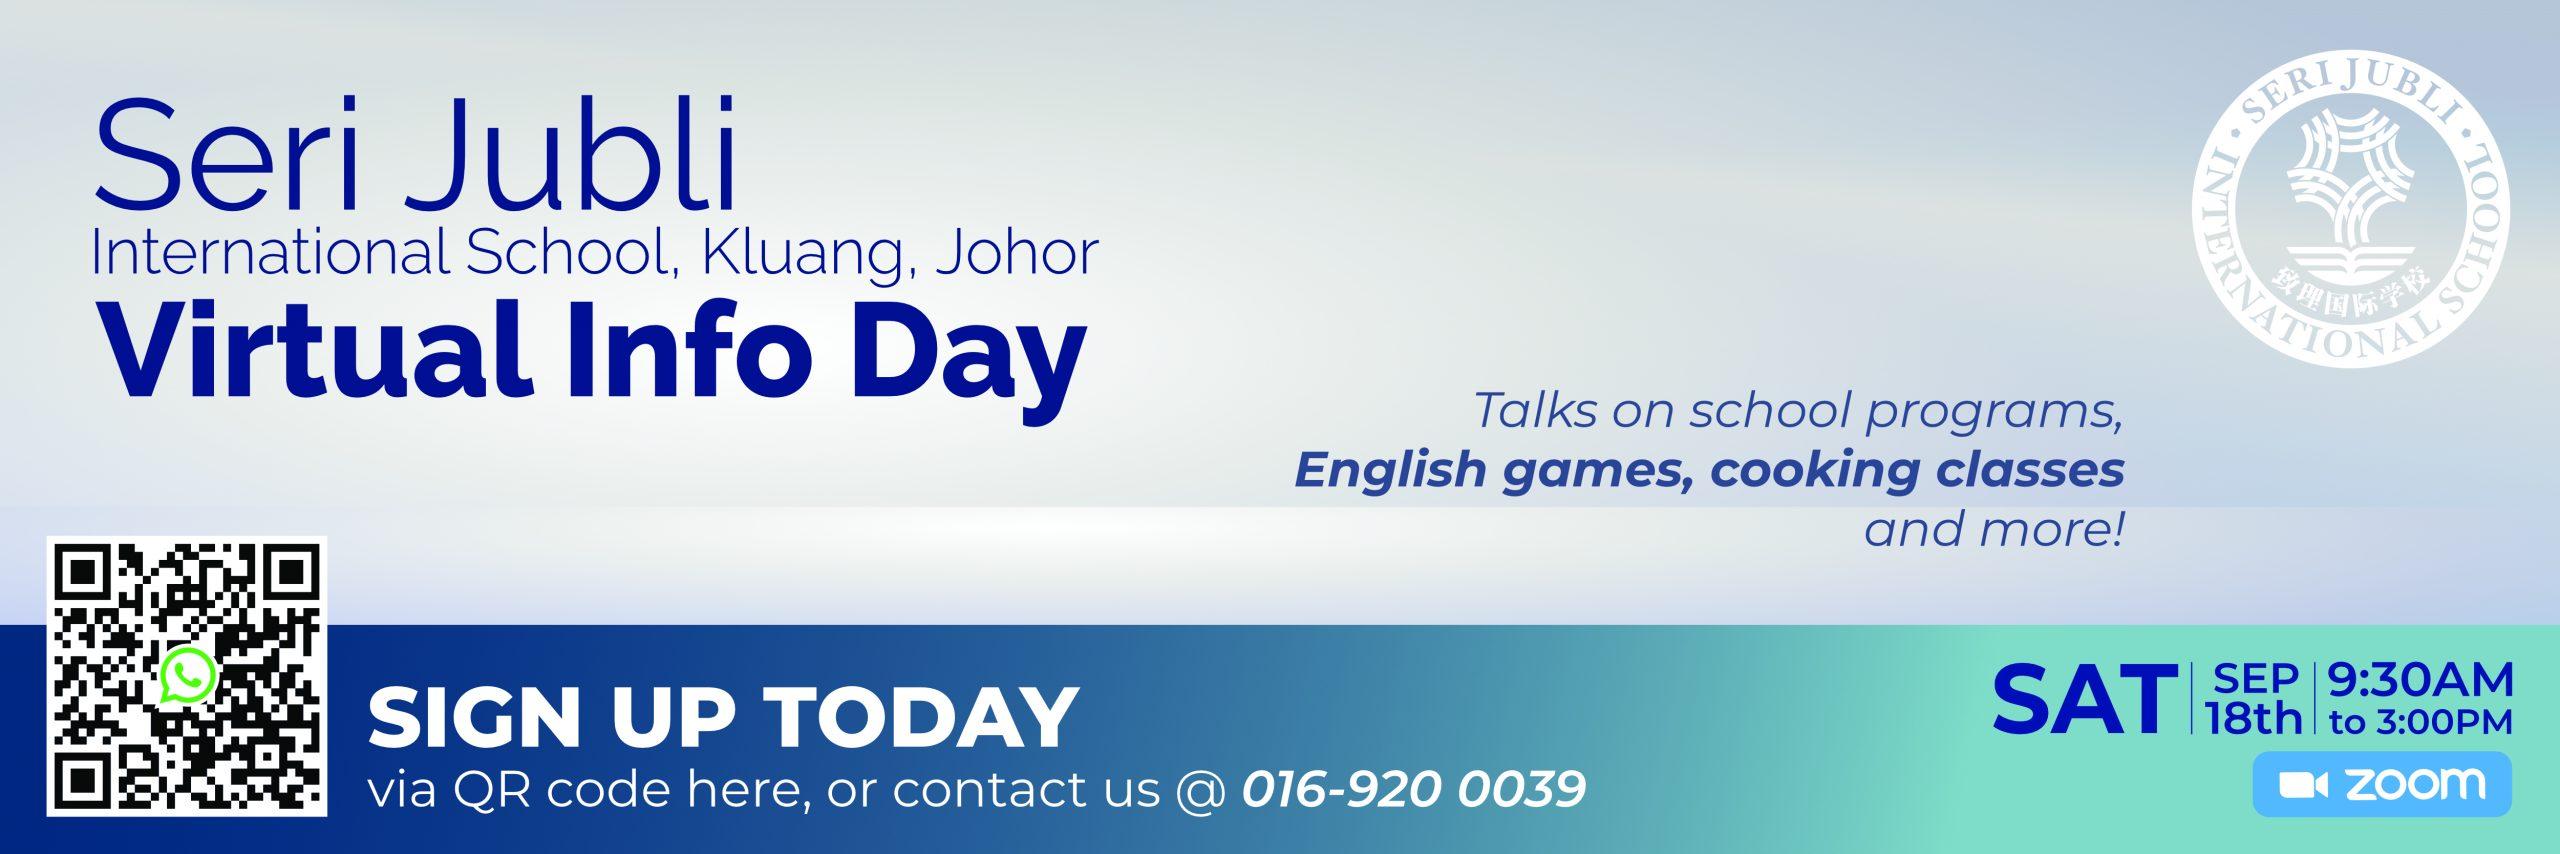 SJ Virtual Info Day